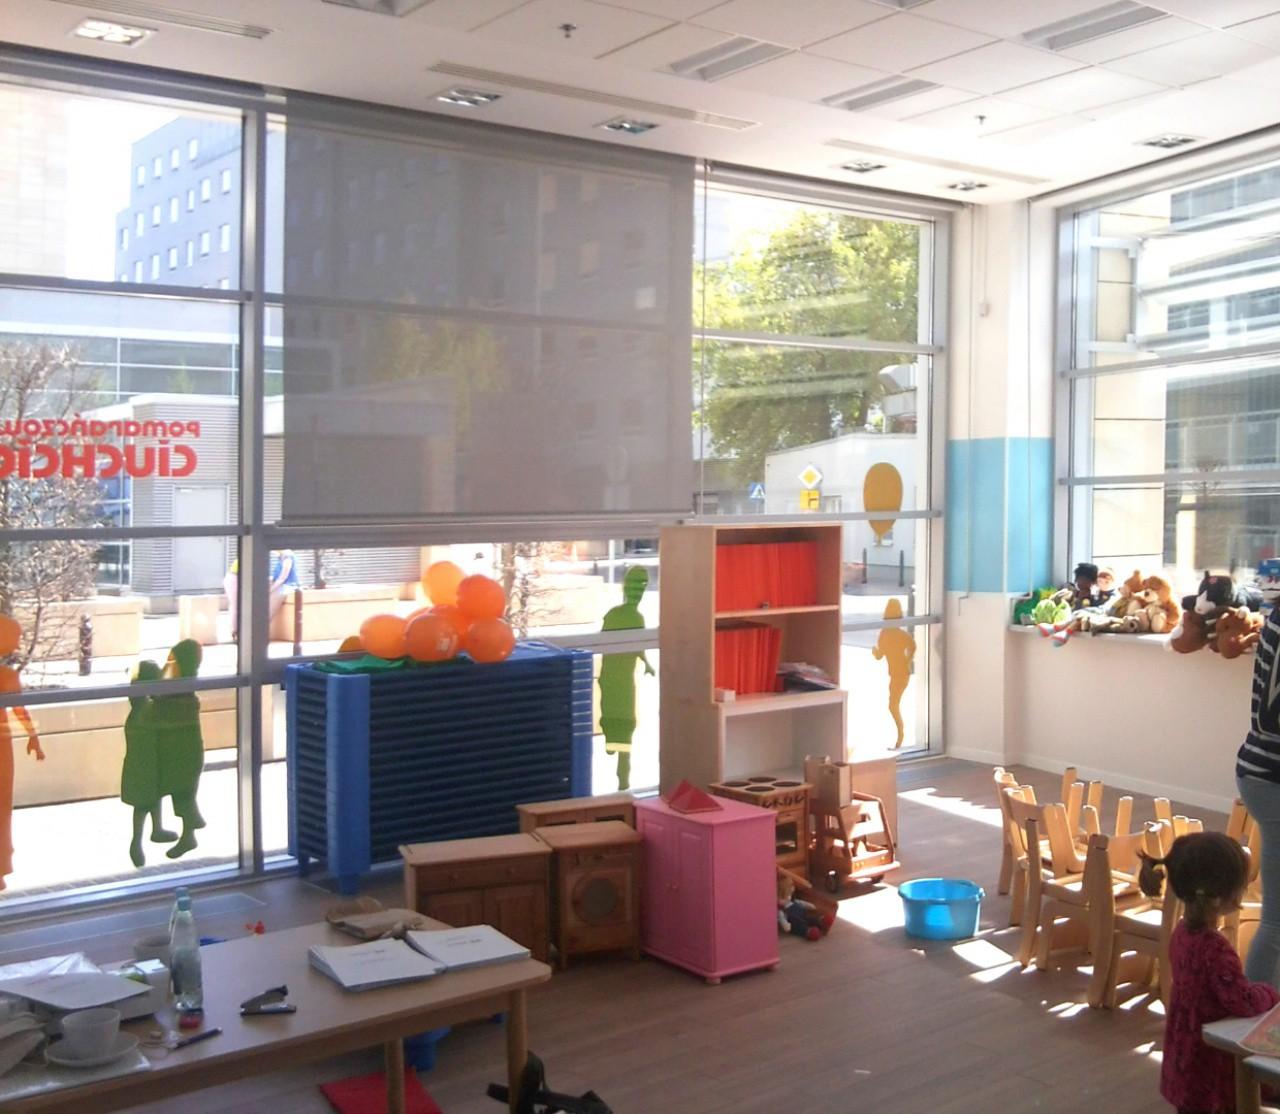 sala przedszkolna - stan zrealizowany